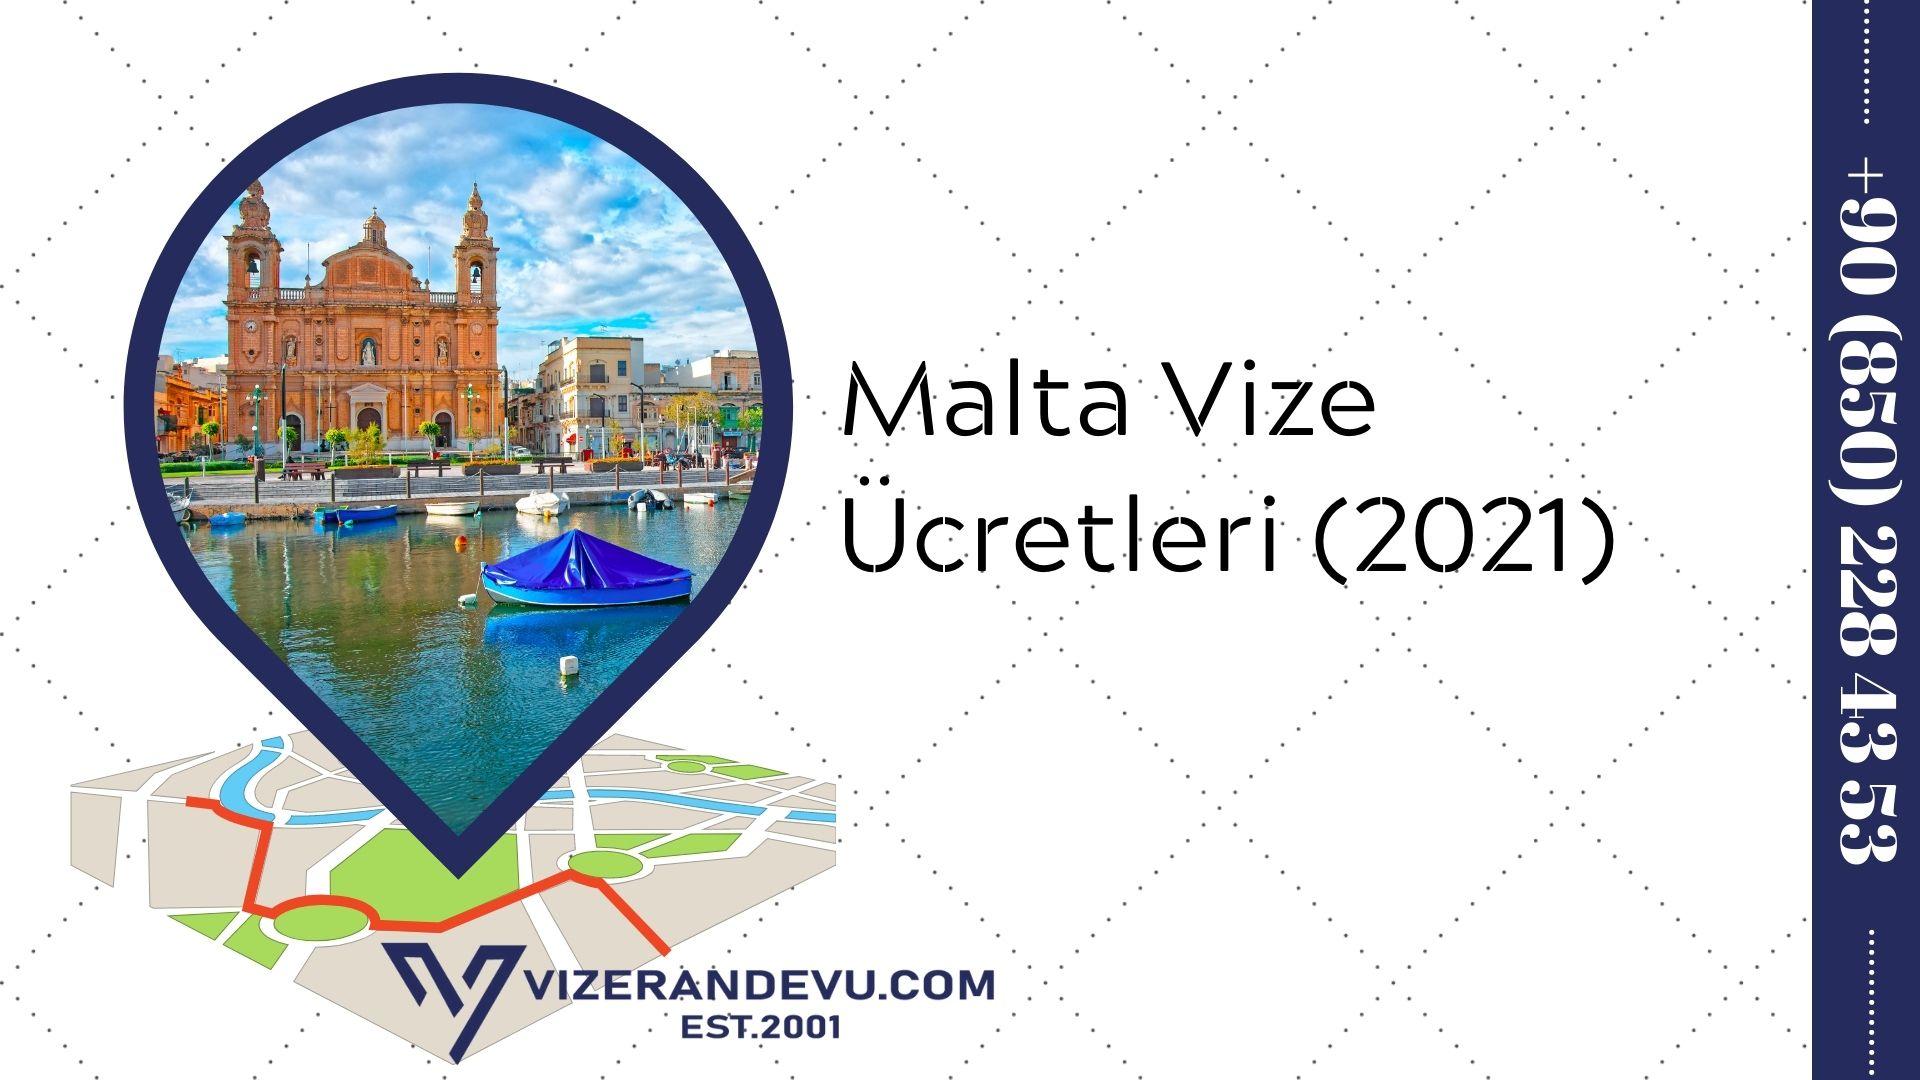 Malta Vize Ücretleri (2021)